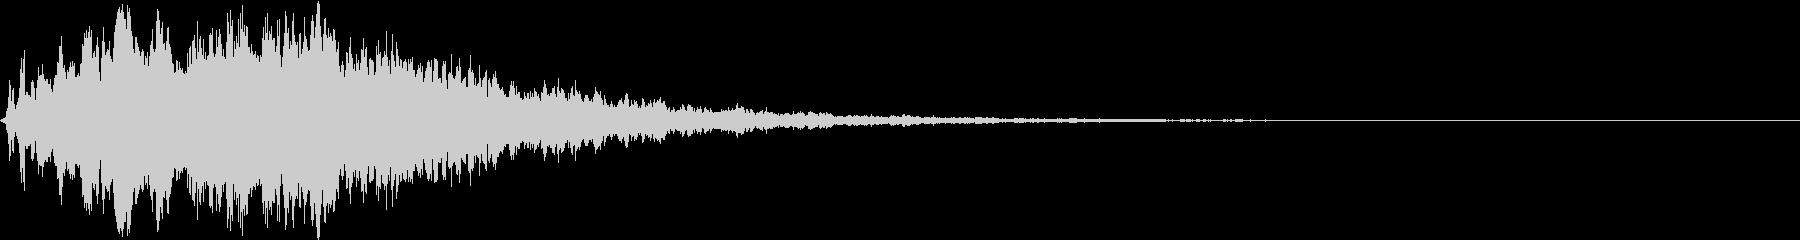 テロップSE シャーン No.5の未再生の波形